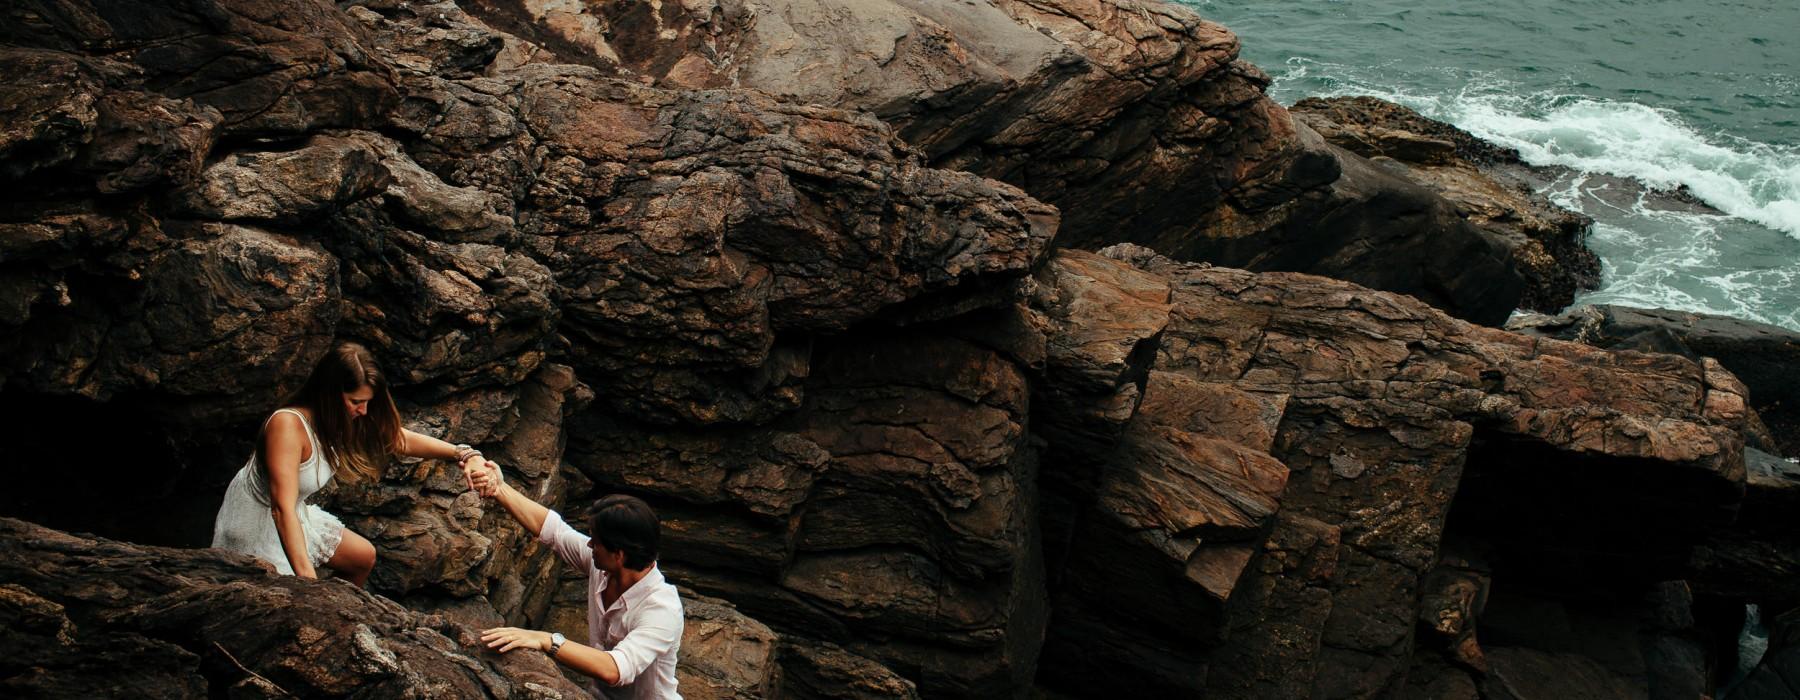 ensaio de casal na praia premiada esession pre-wedding